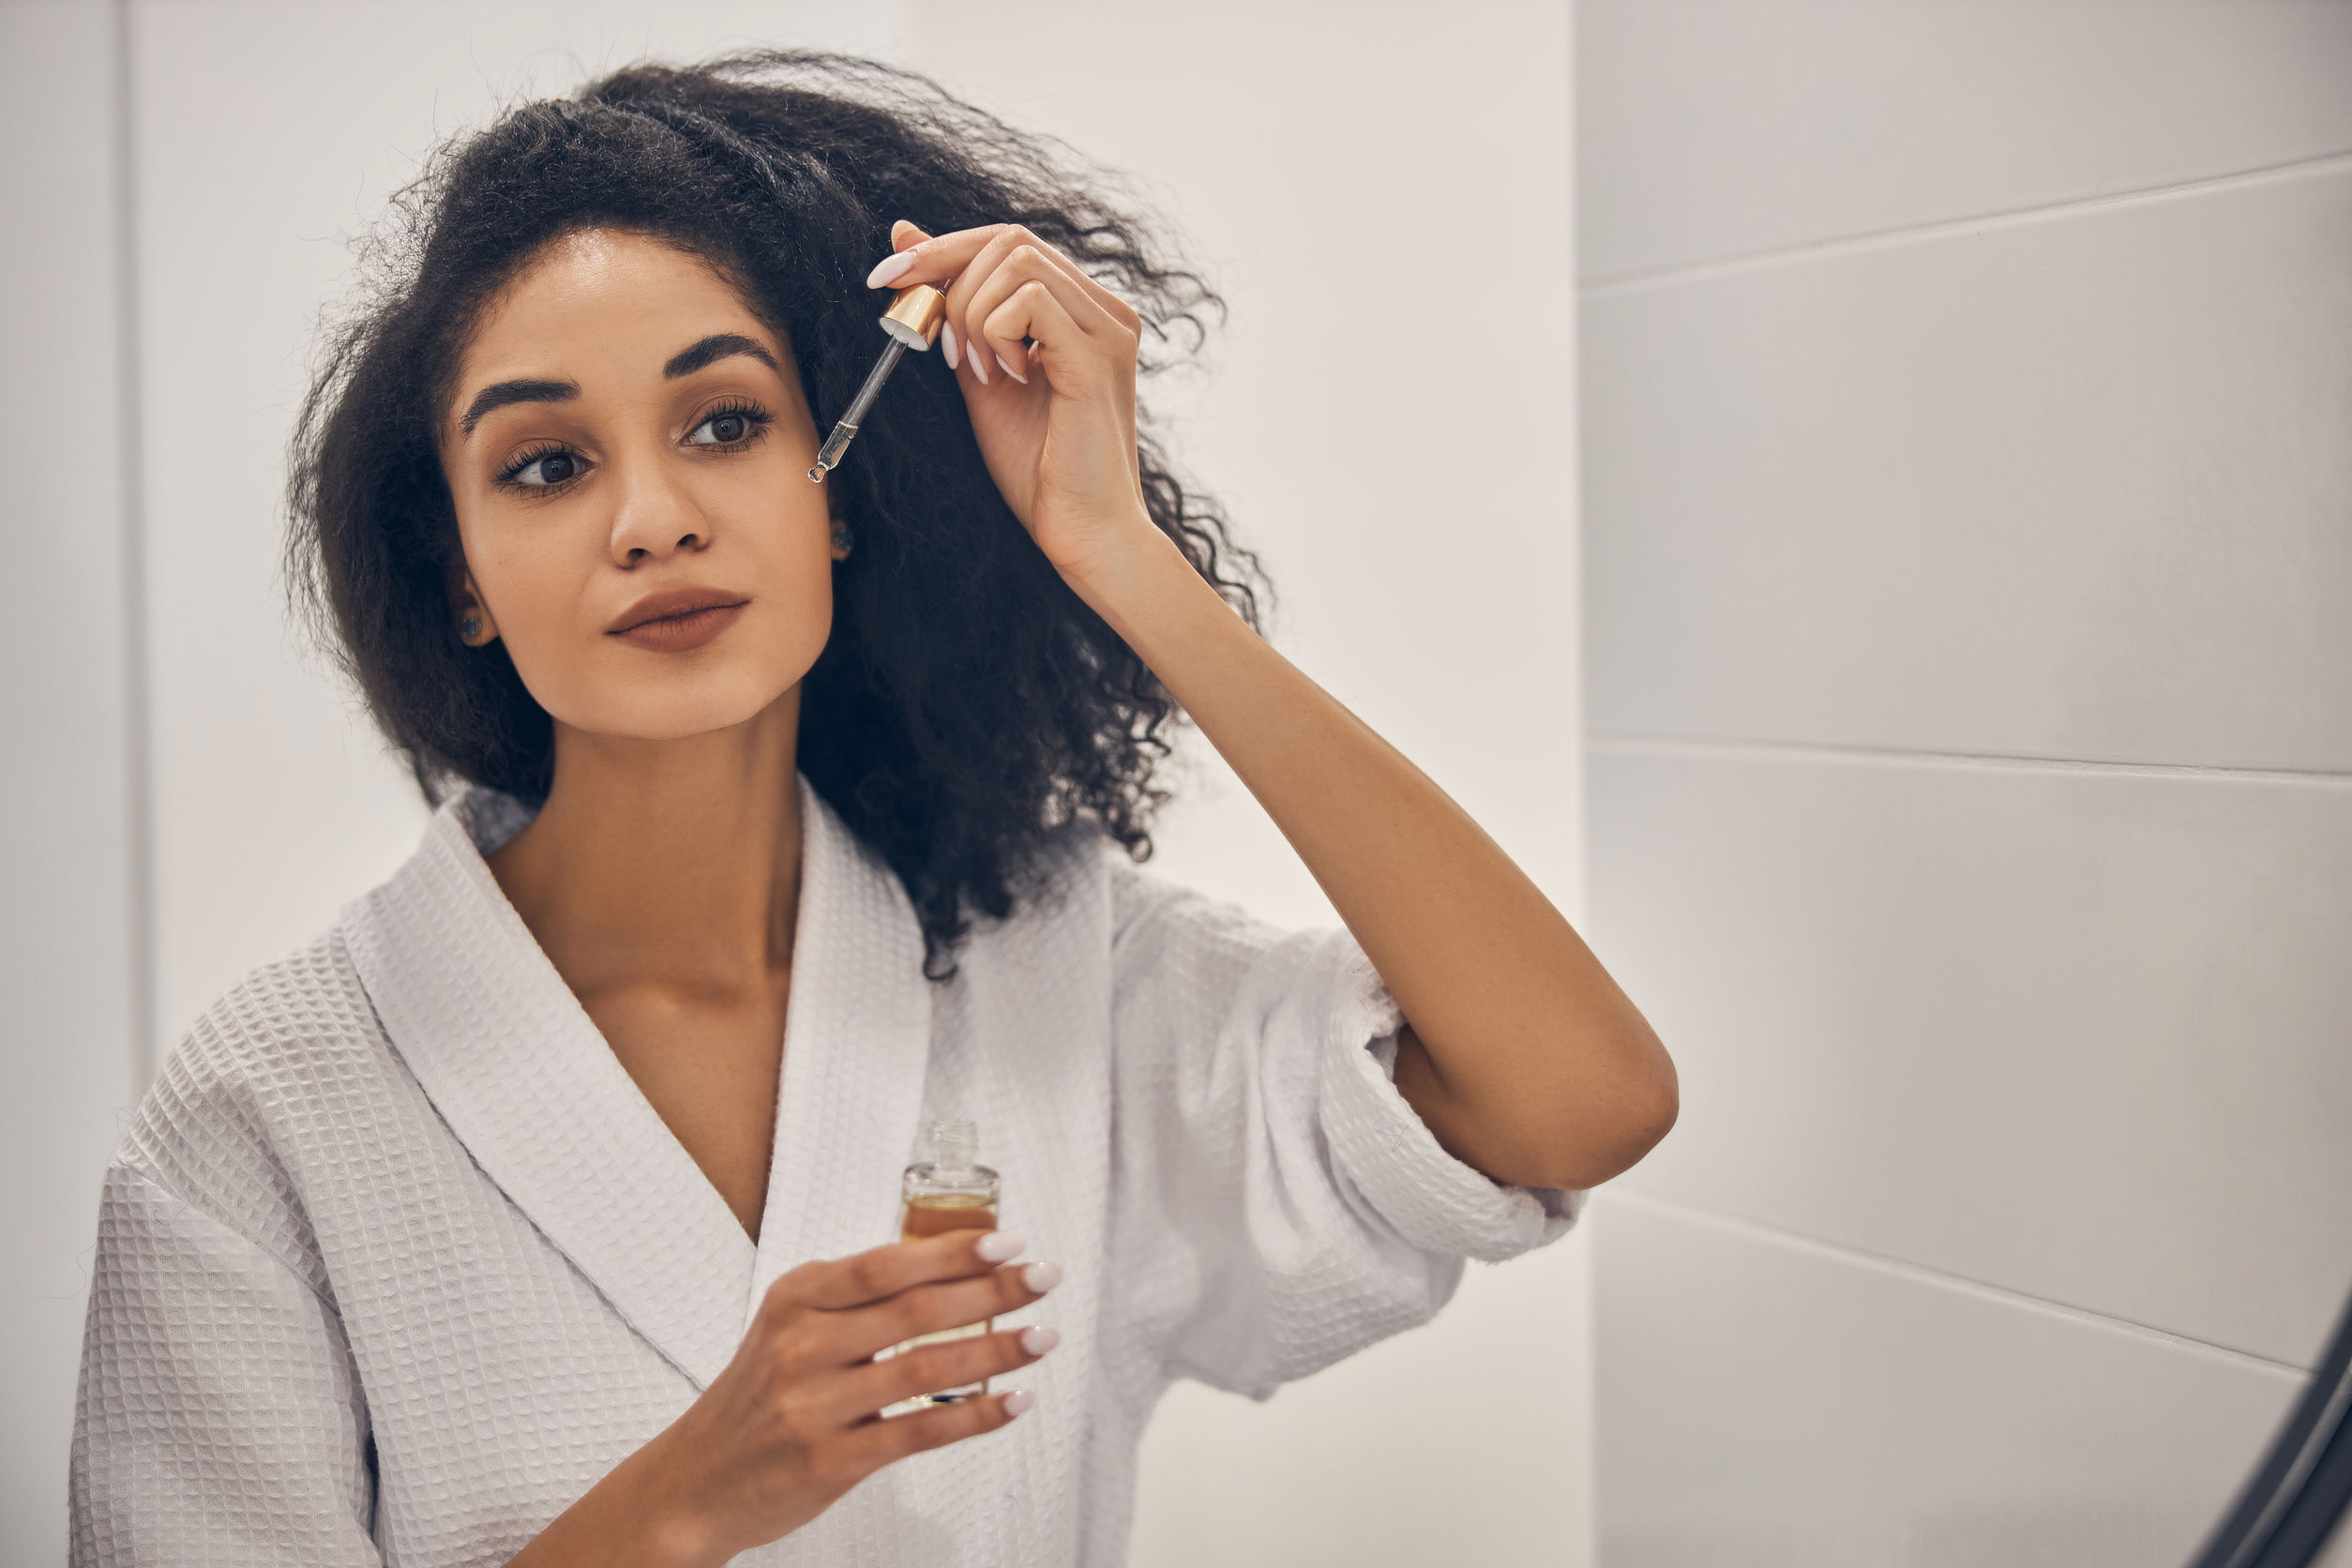 Mulher em frente ao espelho aplicando sérum no rosto com um conta-gotas